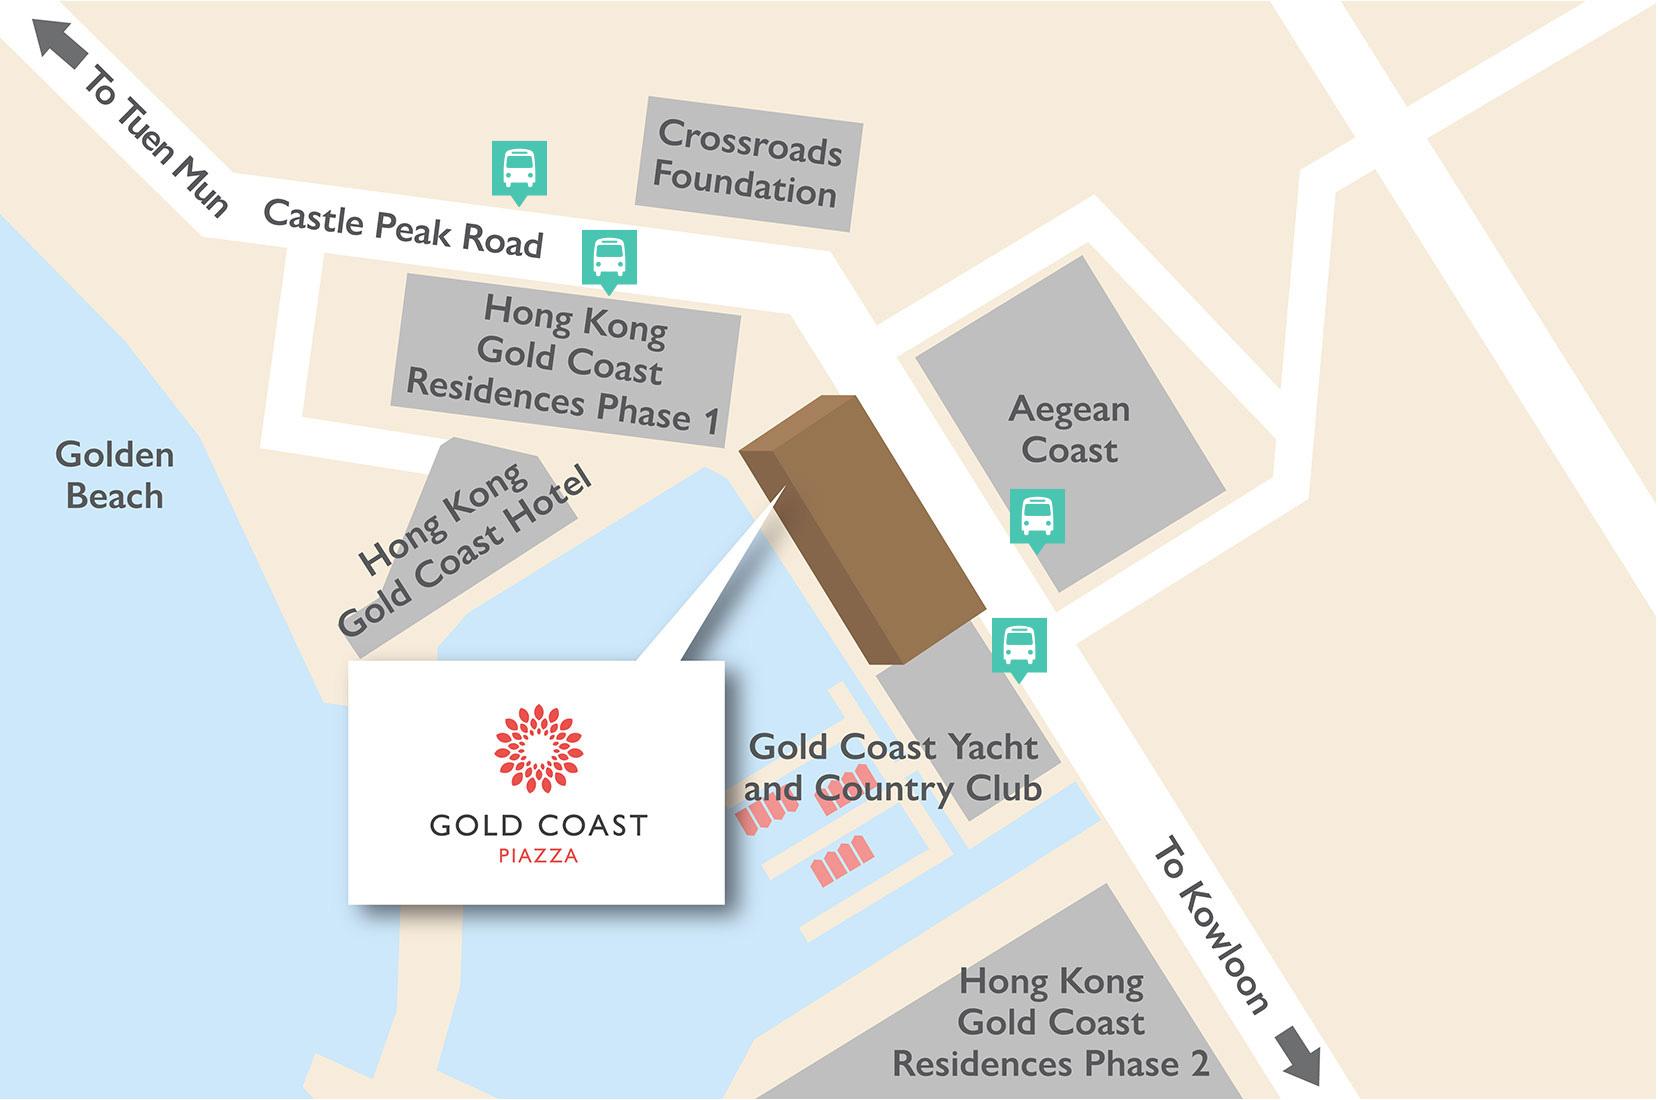 minibus location map